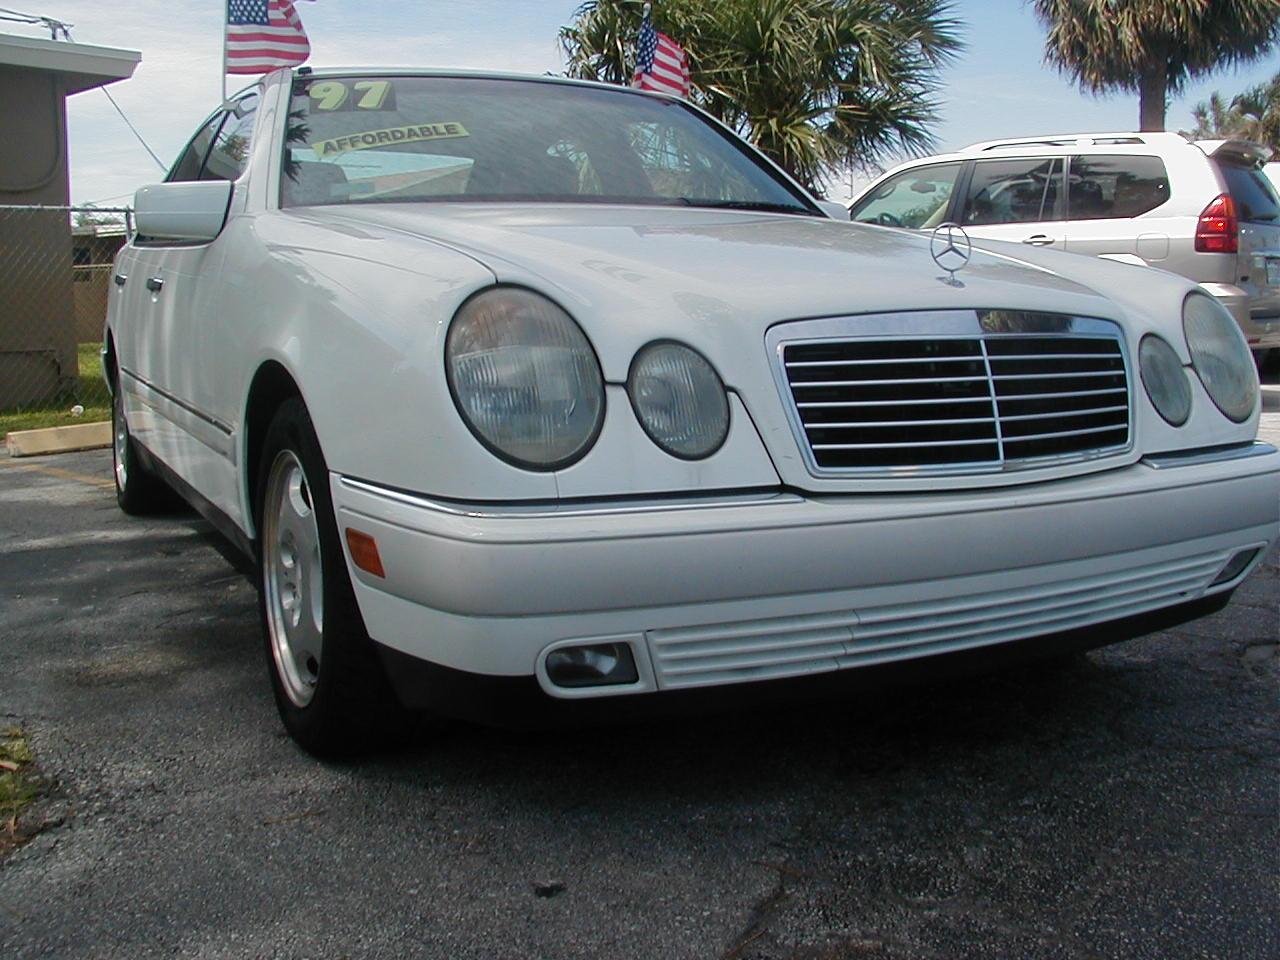 preownedautomobiles 97 e420 mercedes original luxury